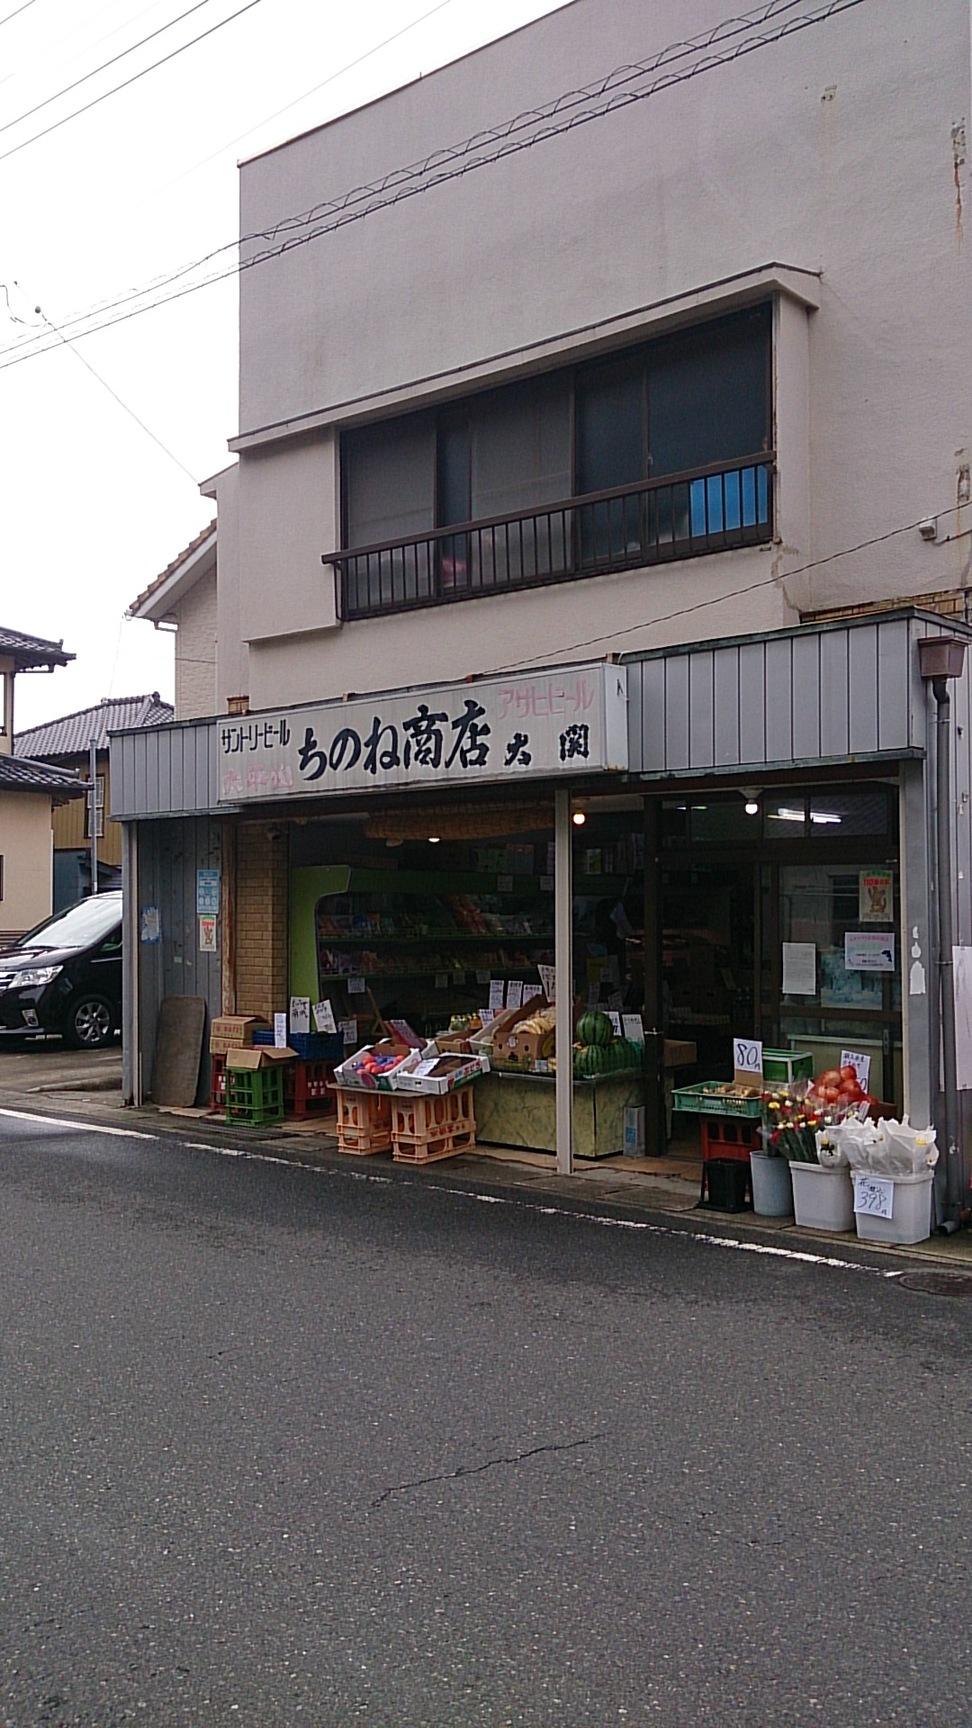 ちのね商店 name=